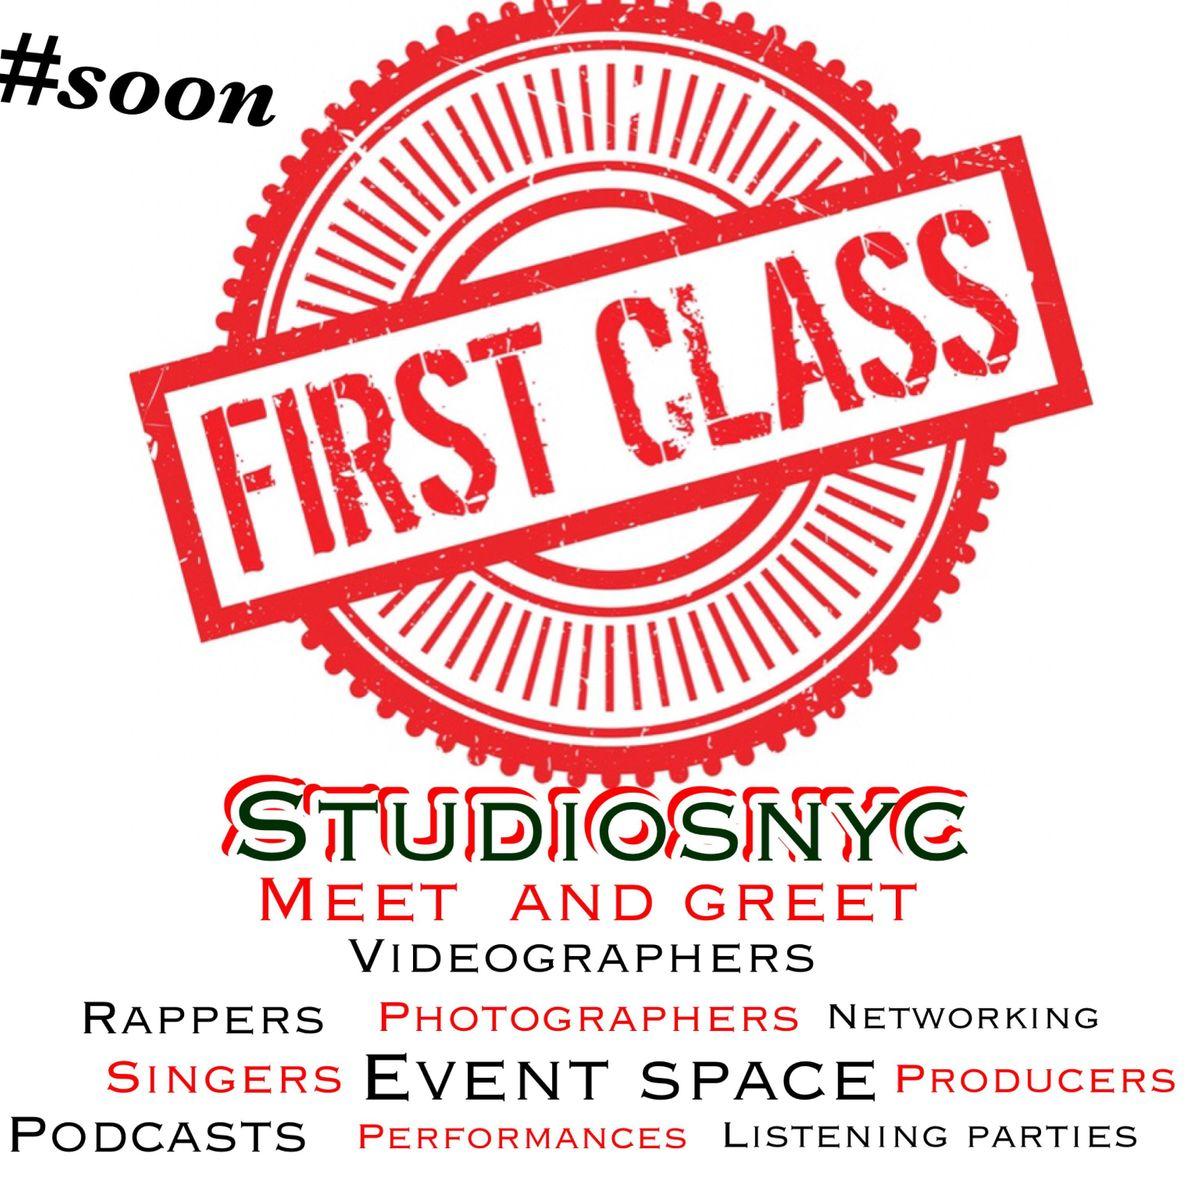 First Class Meet and Greet